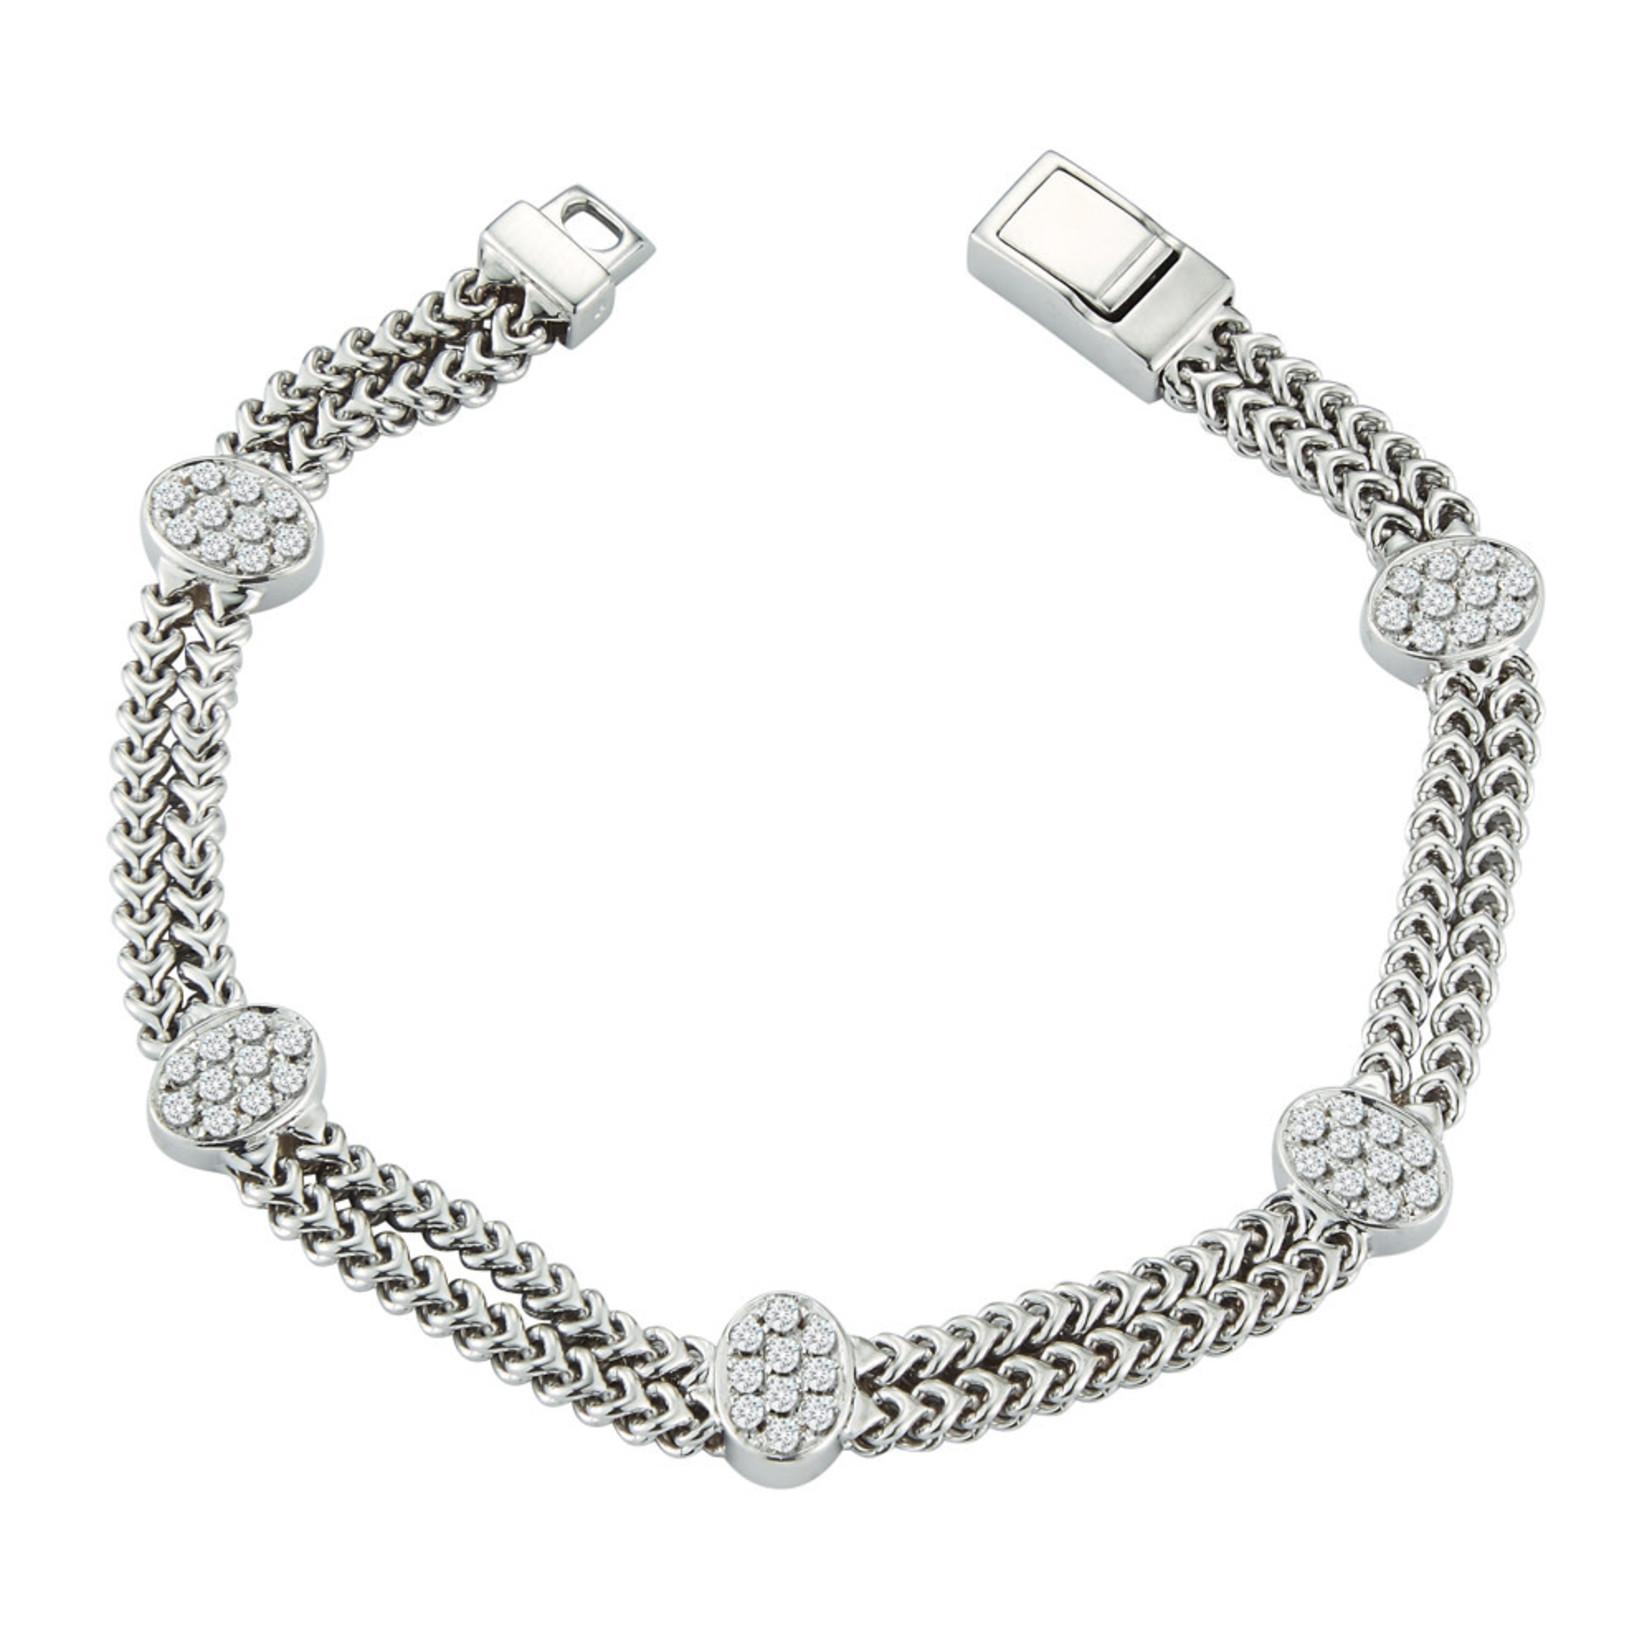 14K White Gold Oval Pave Diamond 0.85ctw Cluster Link Bracelet